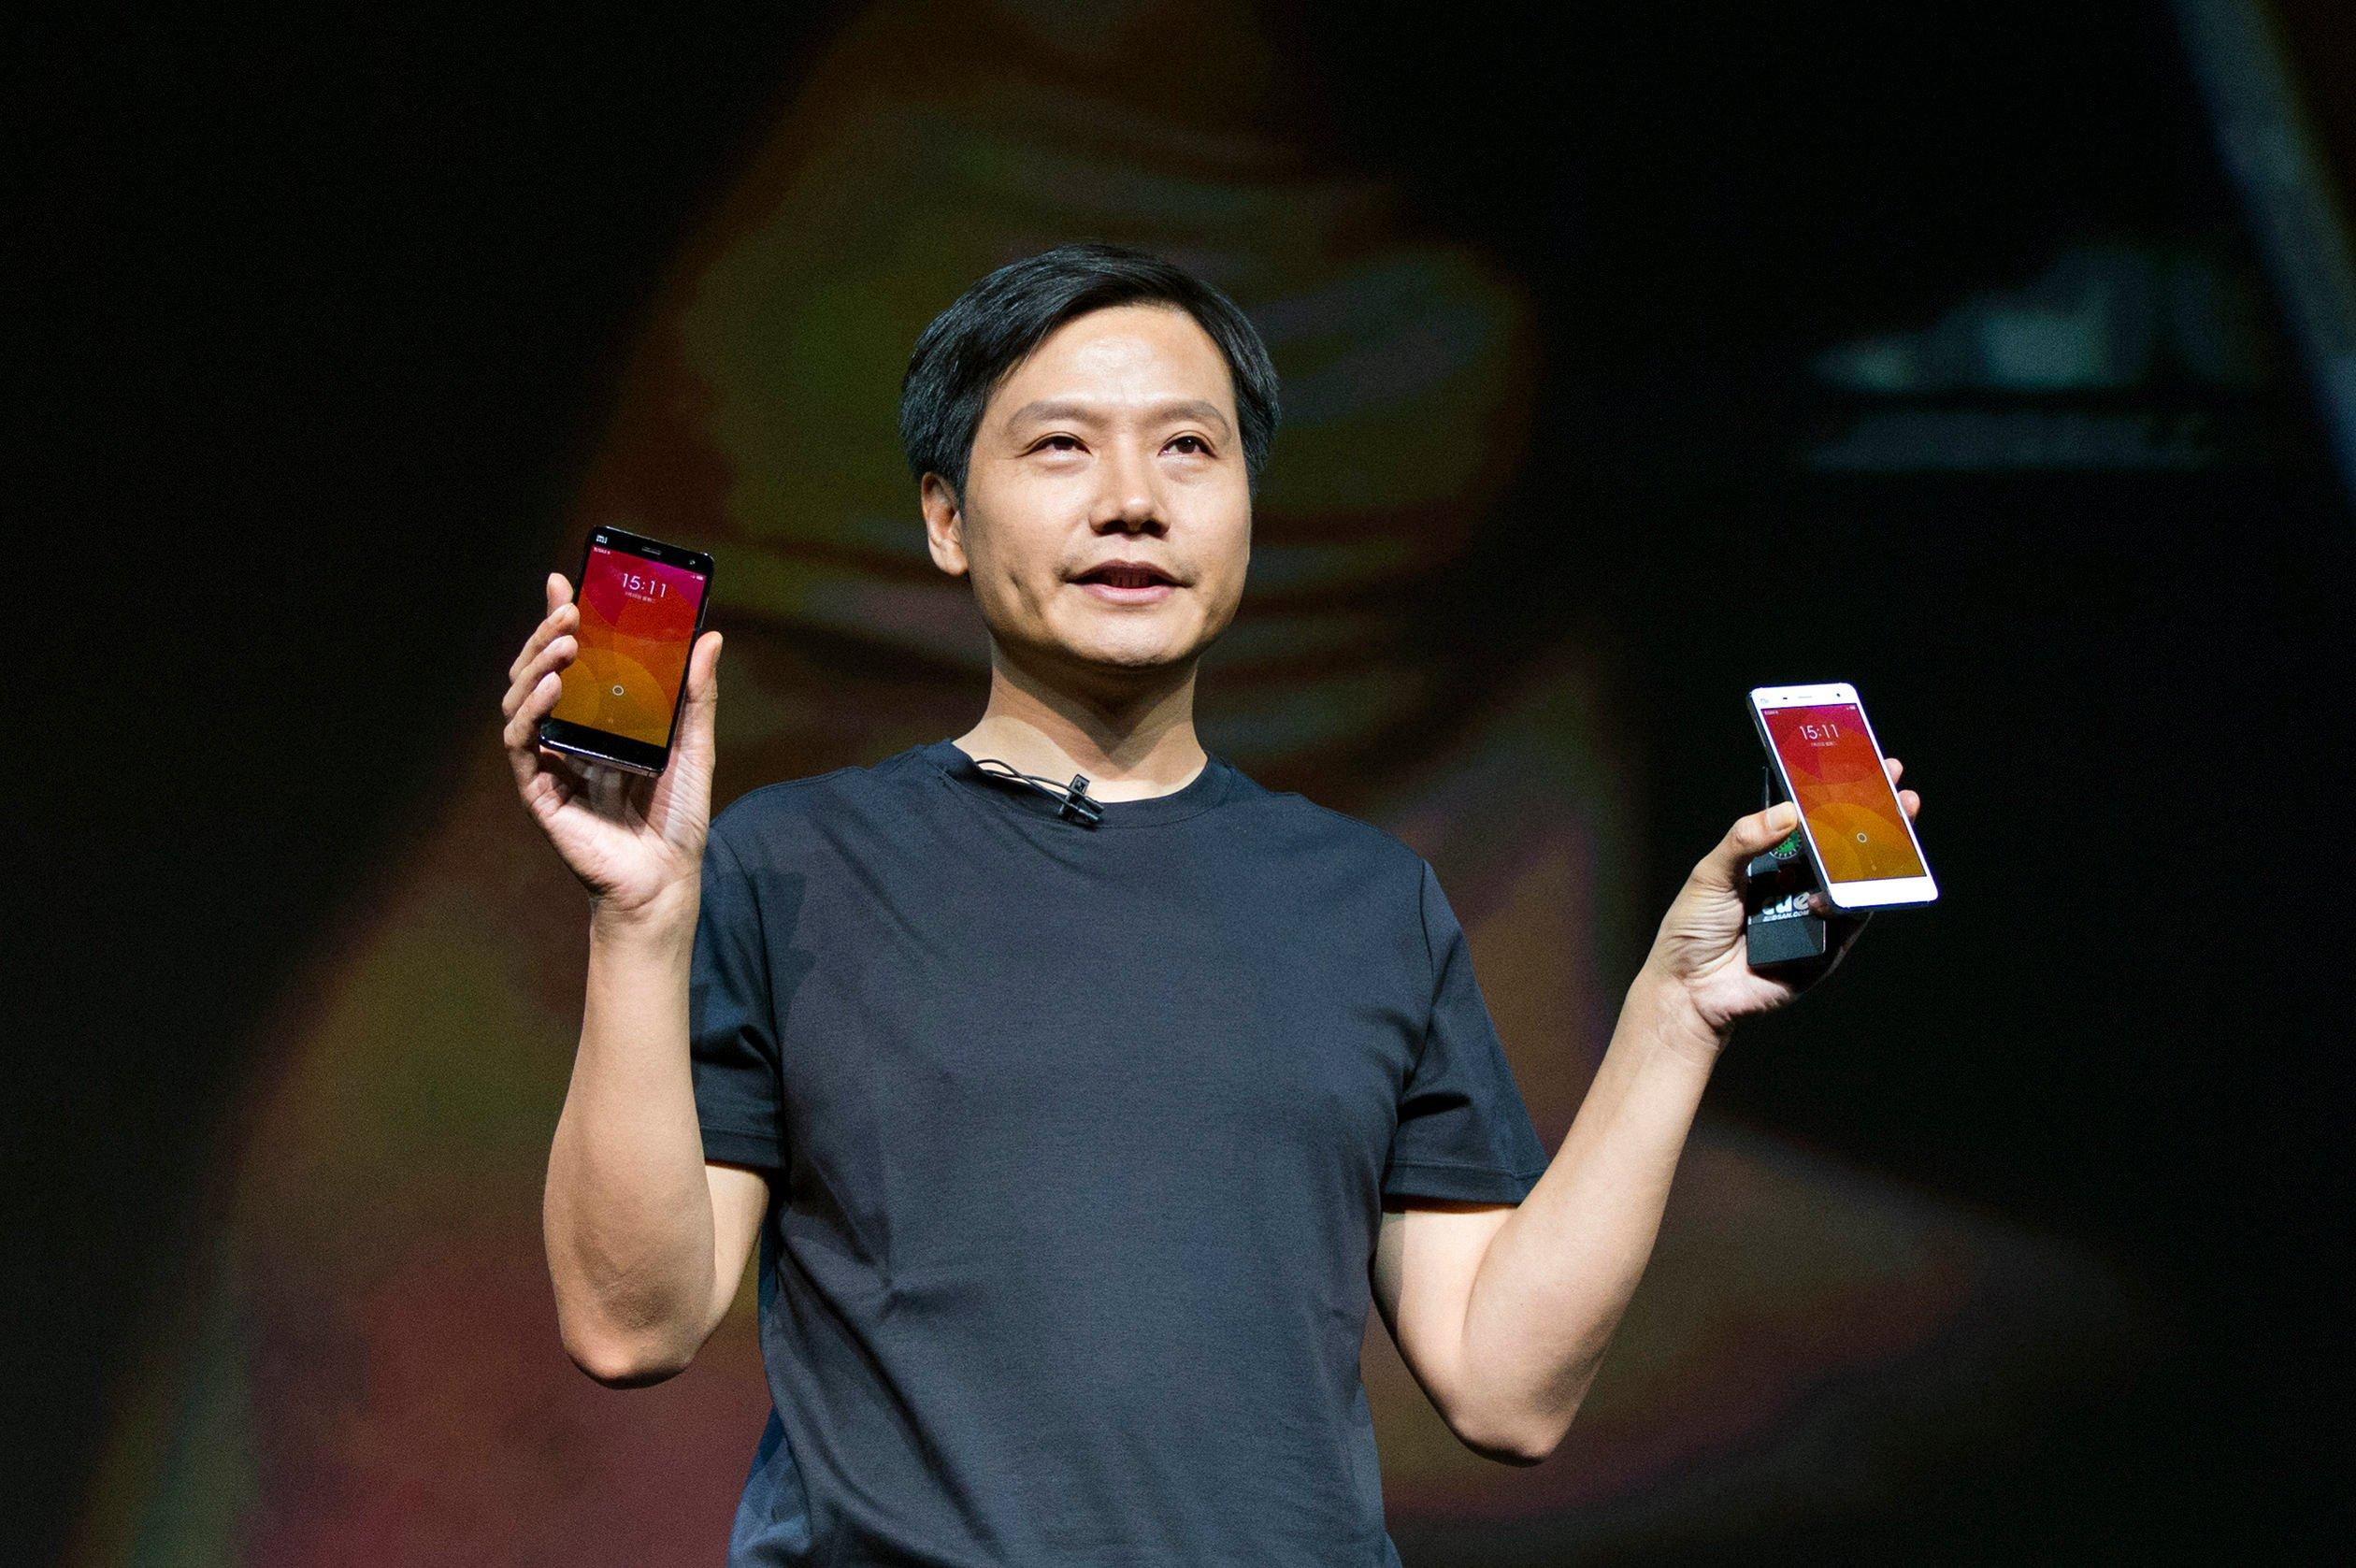 Xiaomi sur la liste noire des États-Unis à cause de son fondateur - Frandroid